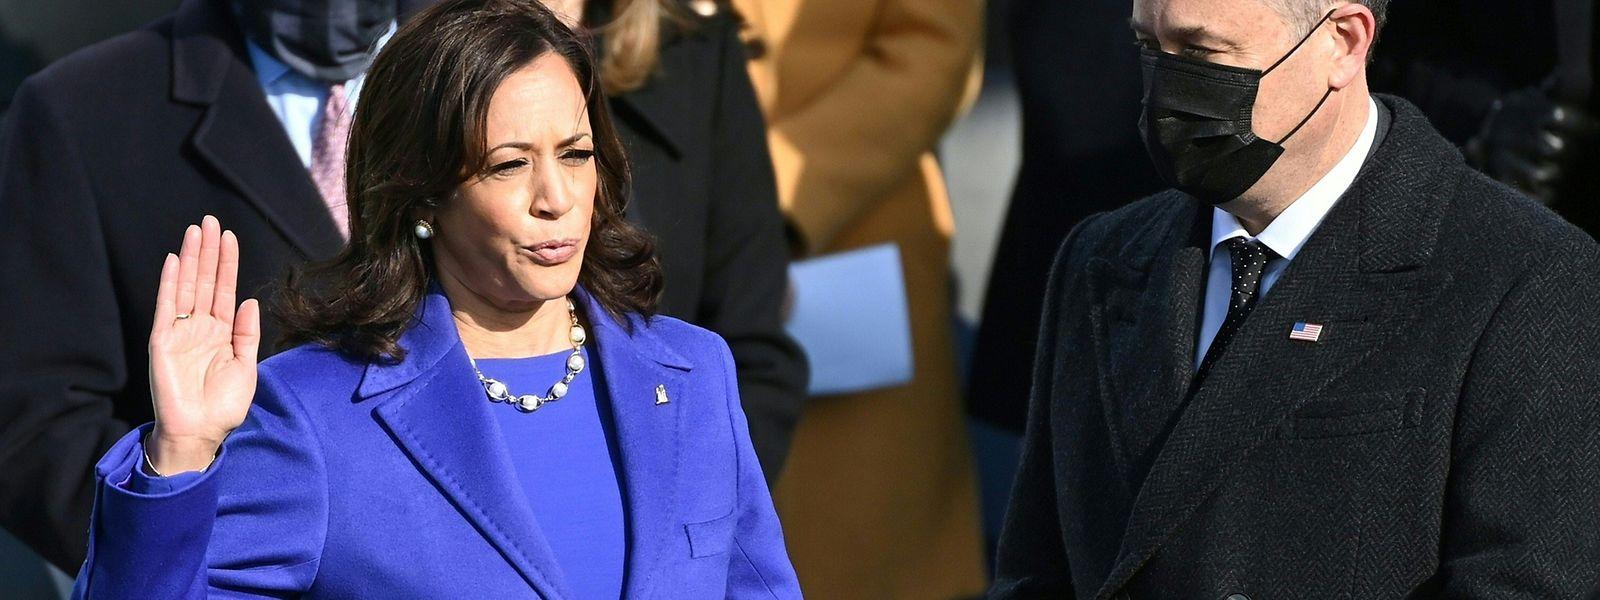 Kamala Harris geht als erste Frau und erste Schwarze im Vizepräsidentenamt in die Geschichte der USA ein.